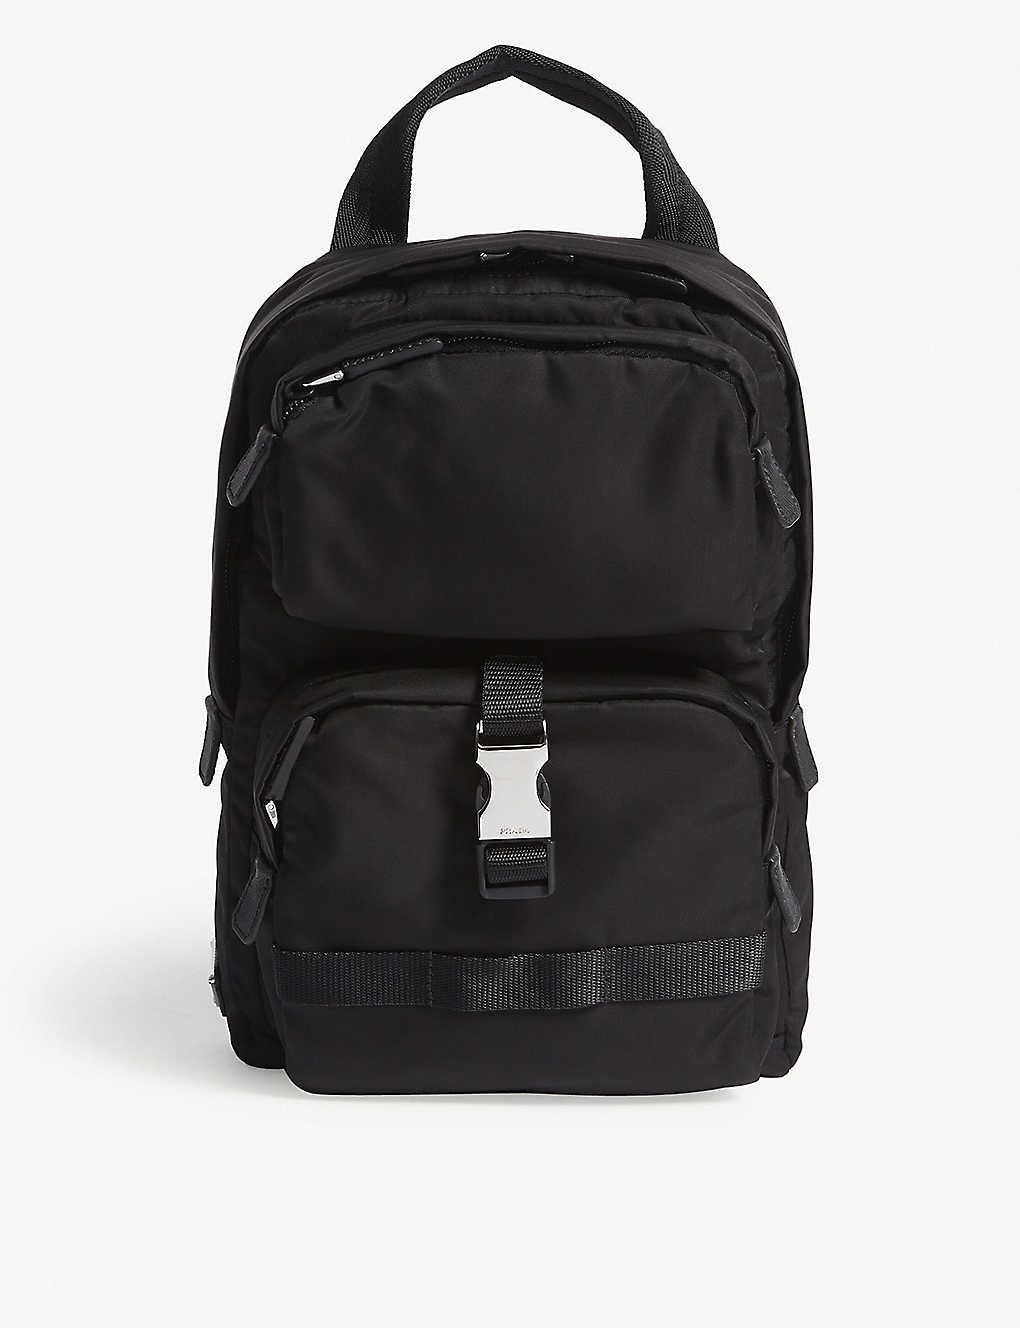 701129e7df474d PRADA - Tessuto Montagna mini backpack | Selfridges.com